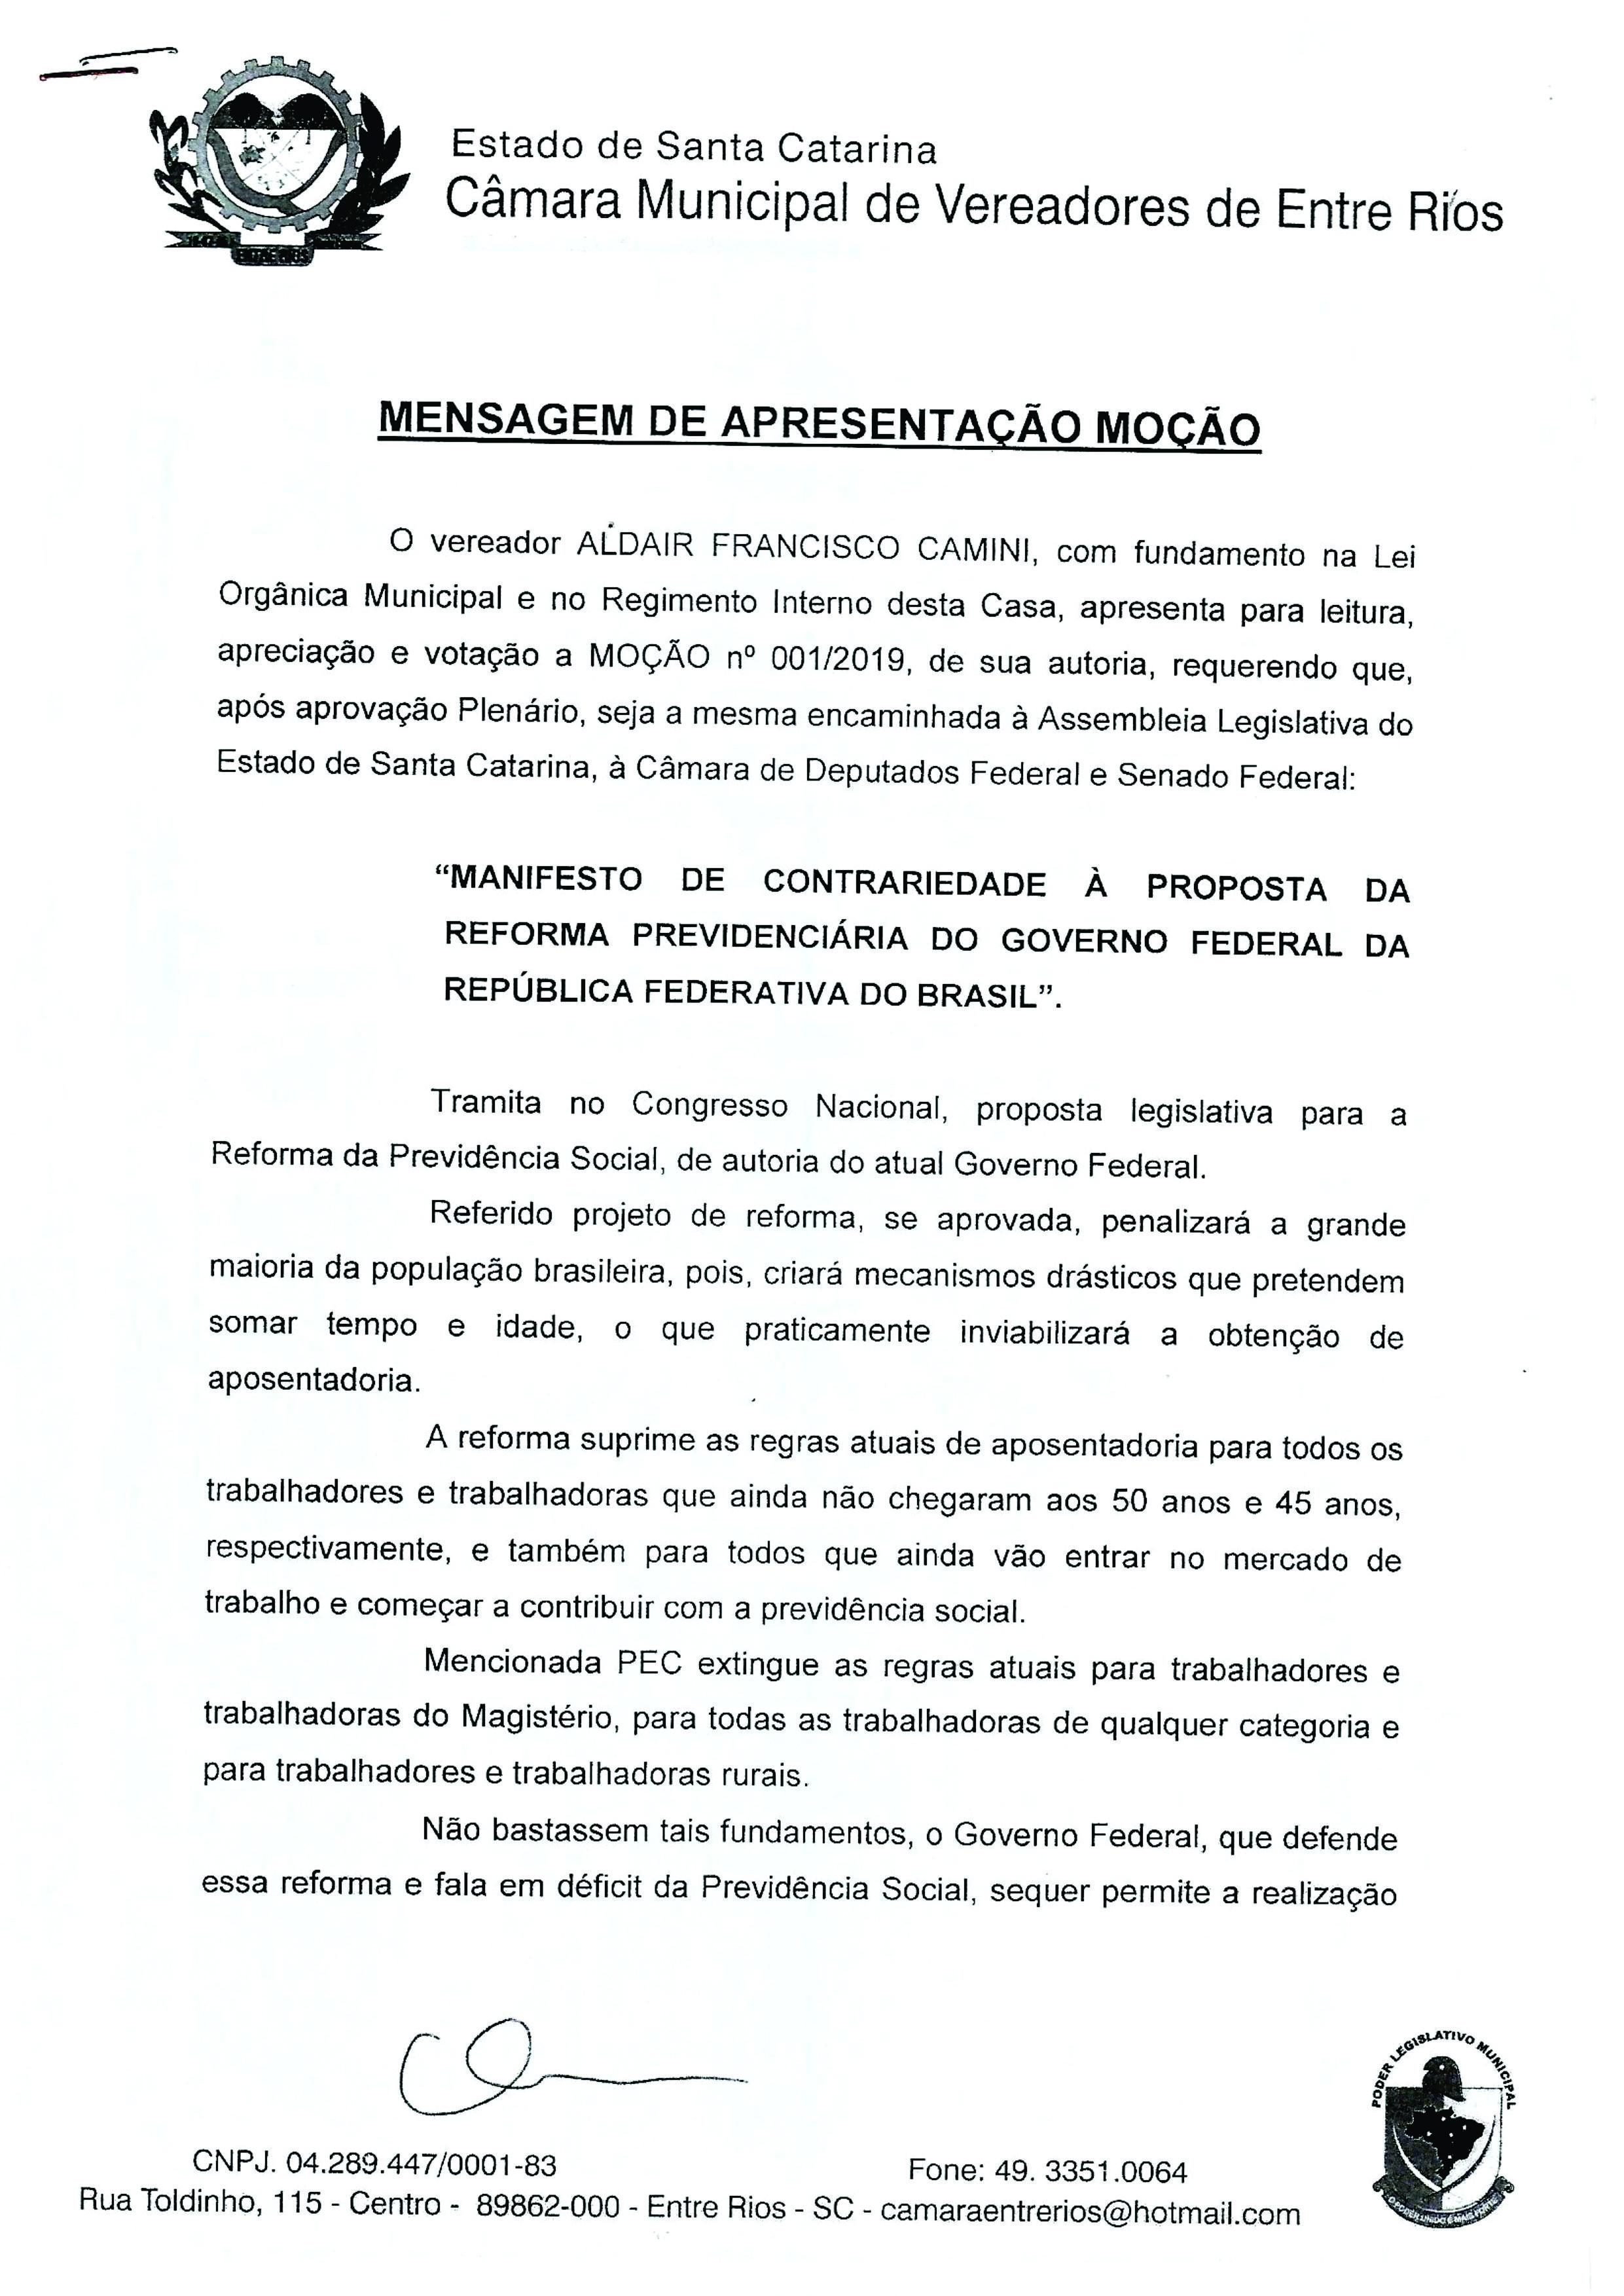 Câmara de Vereadores de Entre Rios aprova Moção contra a Reforma da Previdência